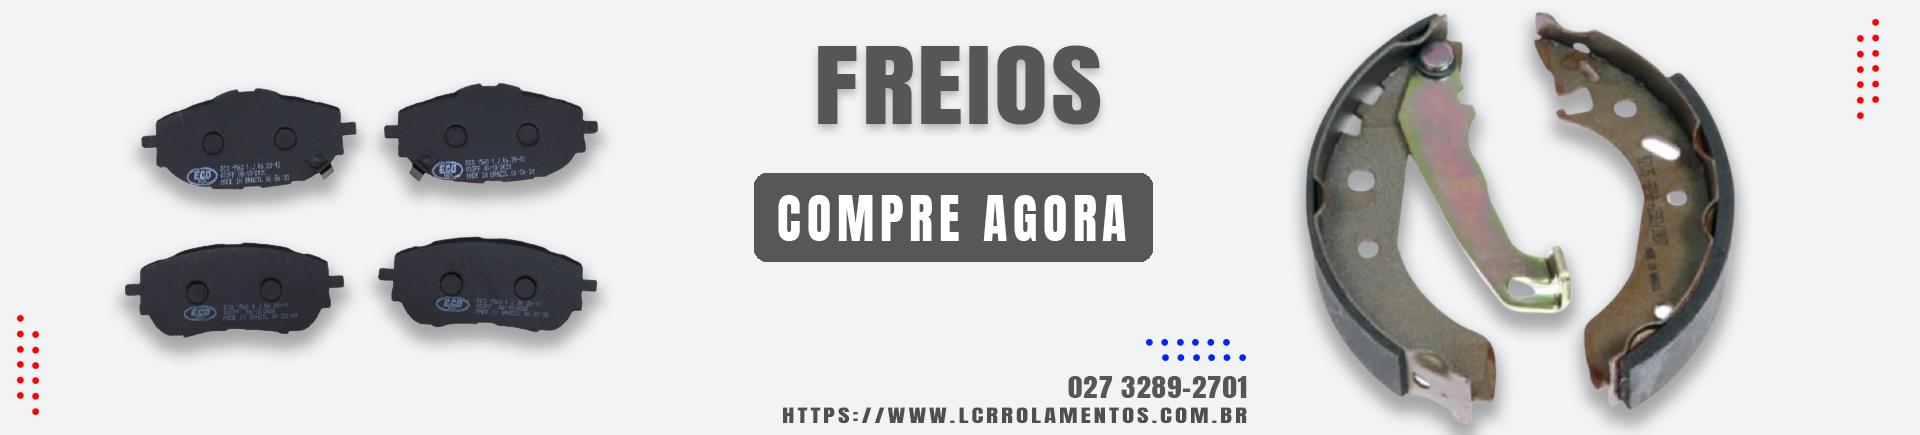 Freios_2